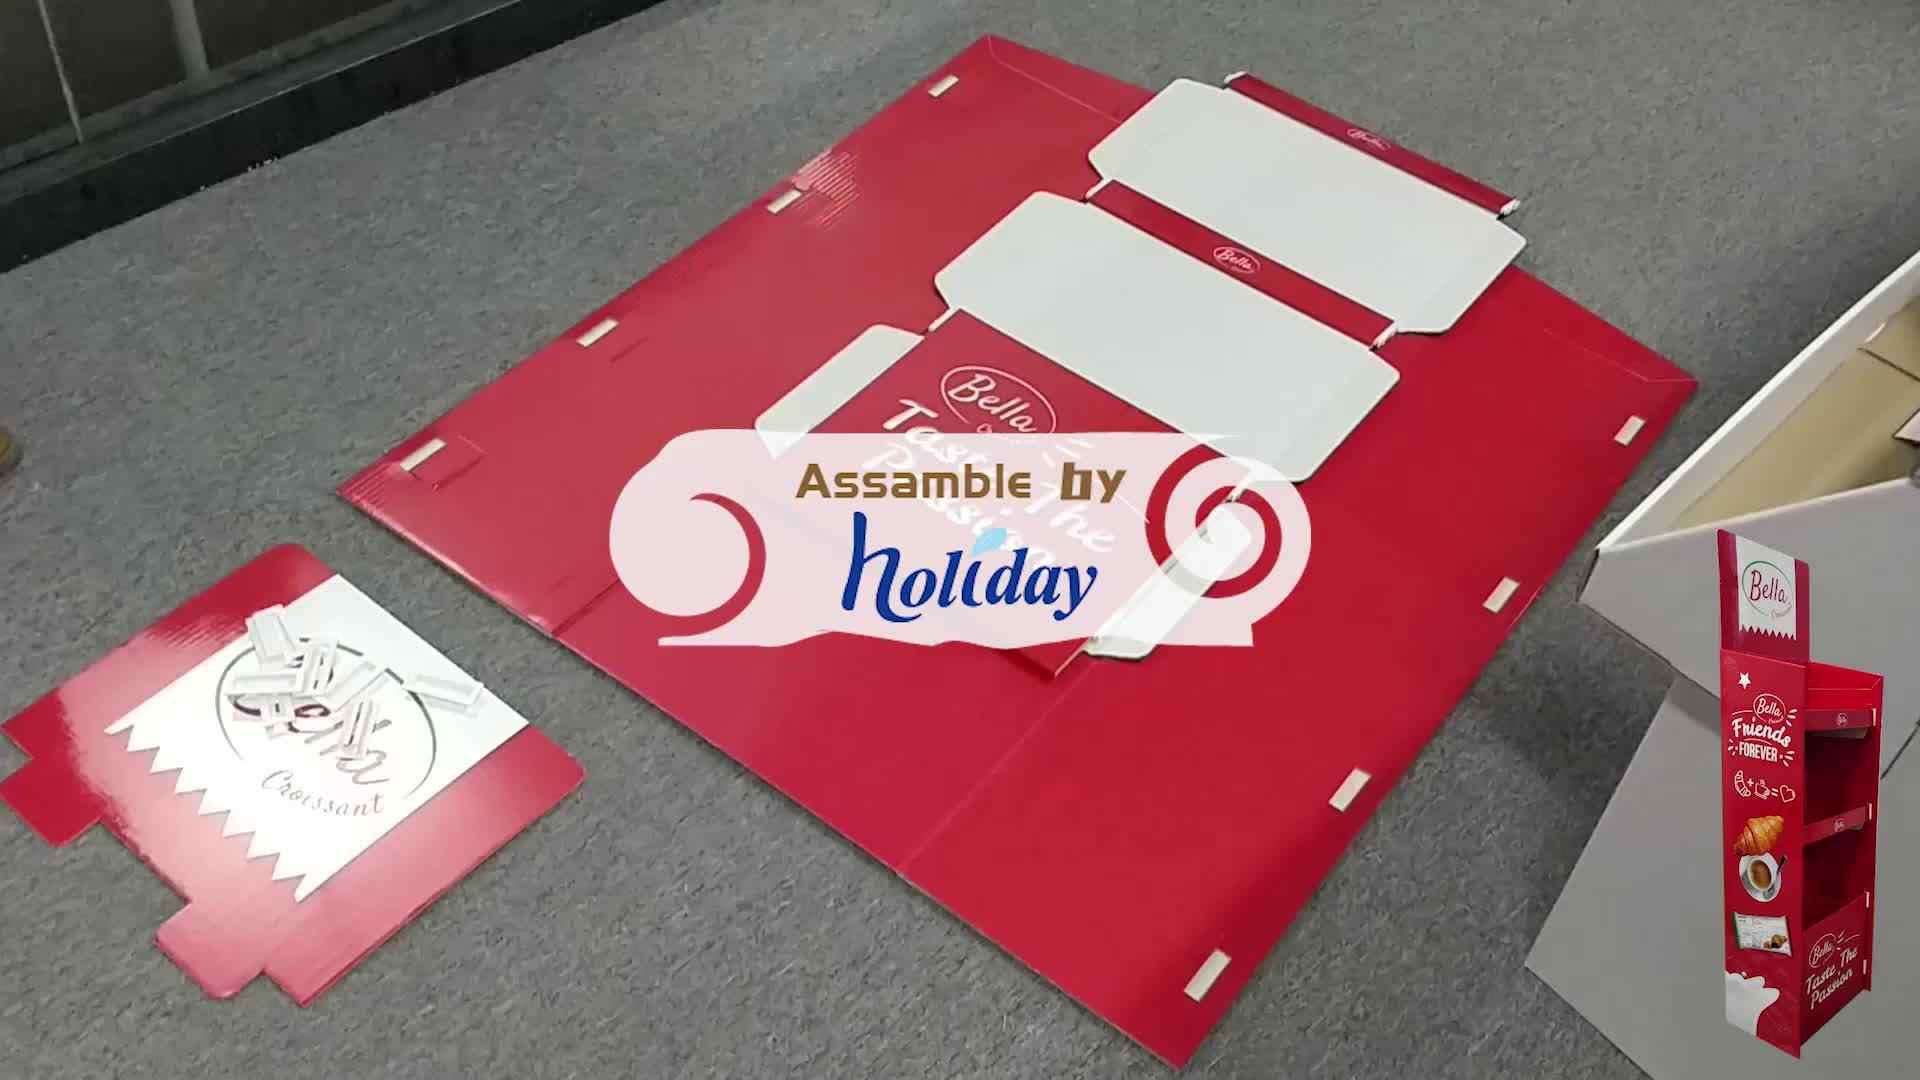 Merchandise Kartonnen Display voor Zonnebril, karton Vouwen Teller Reclame Standee